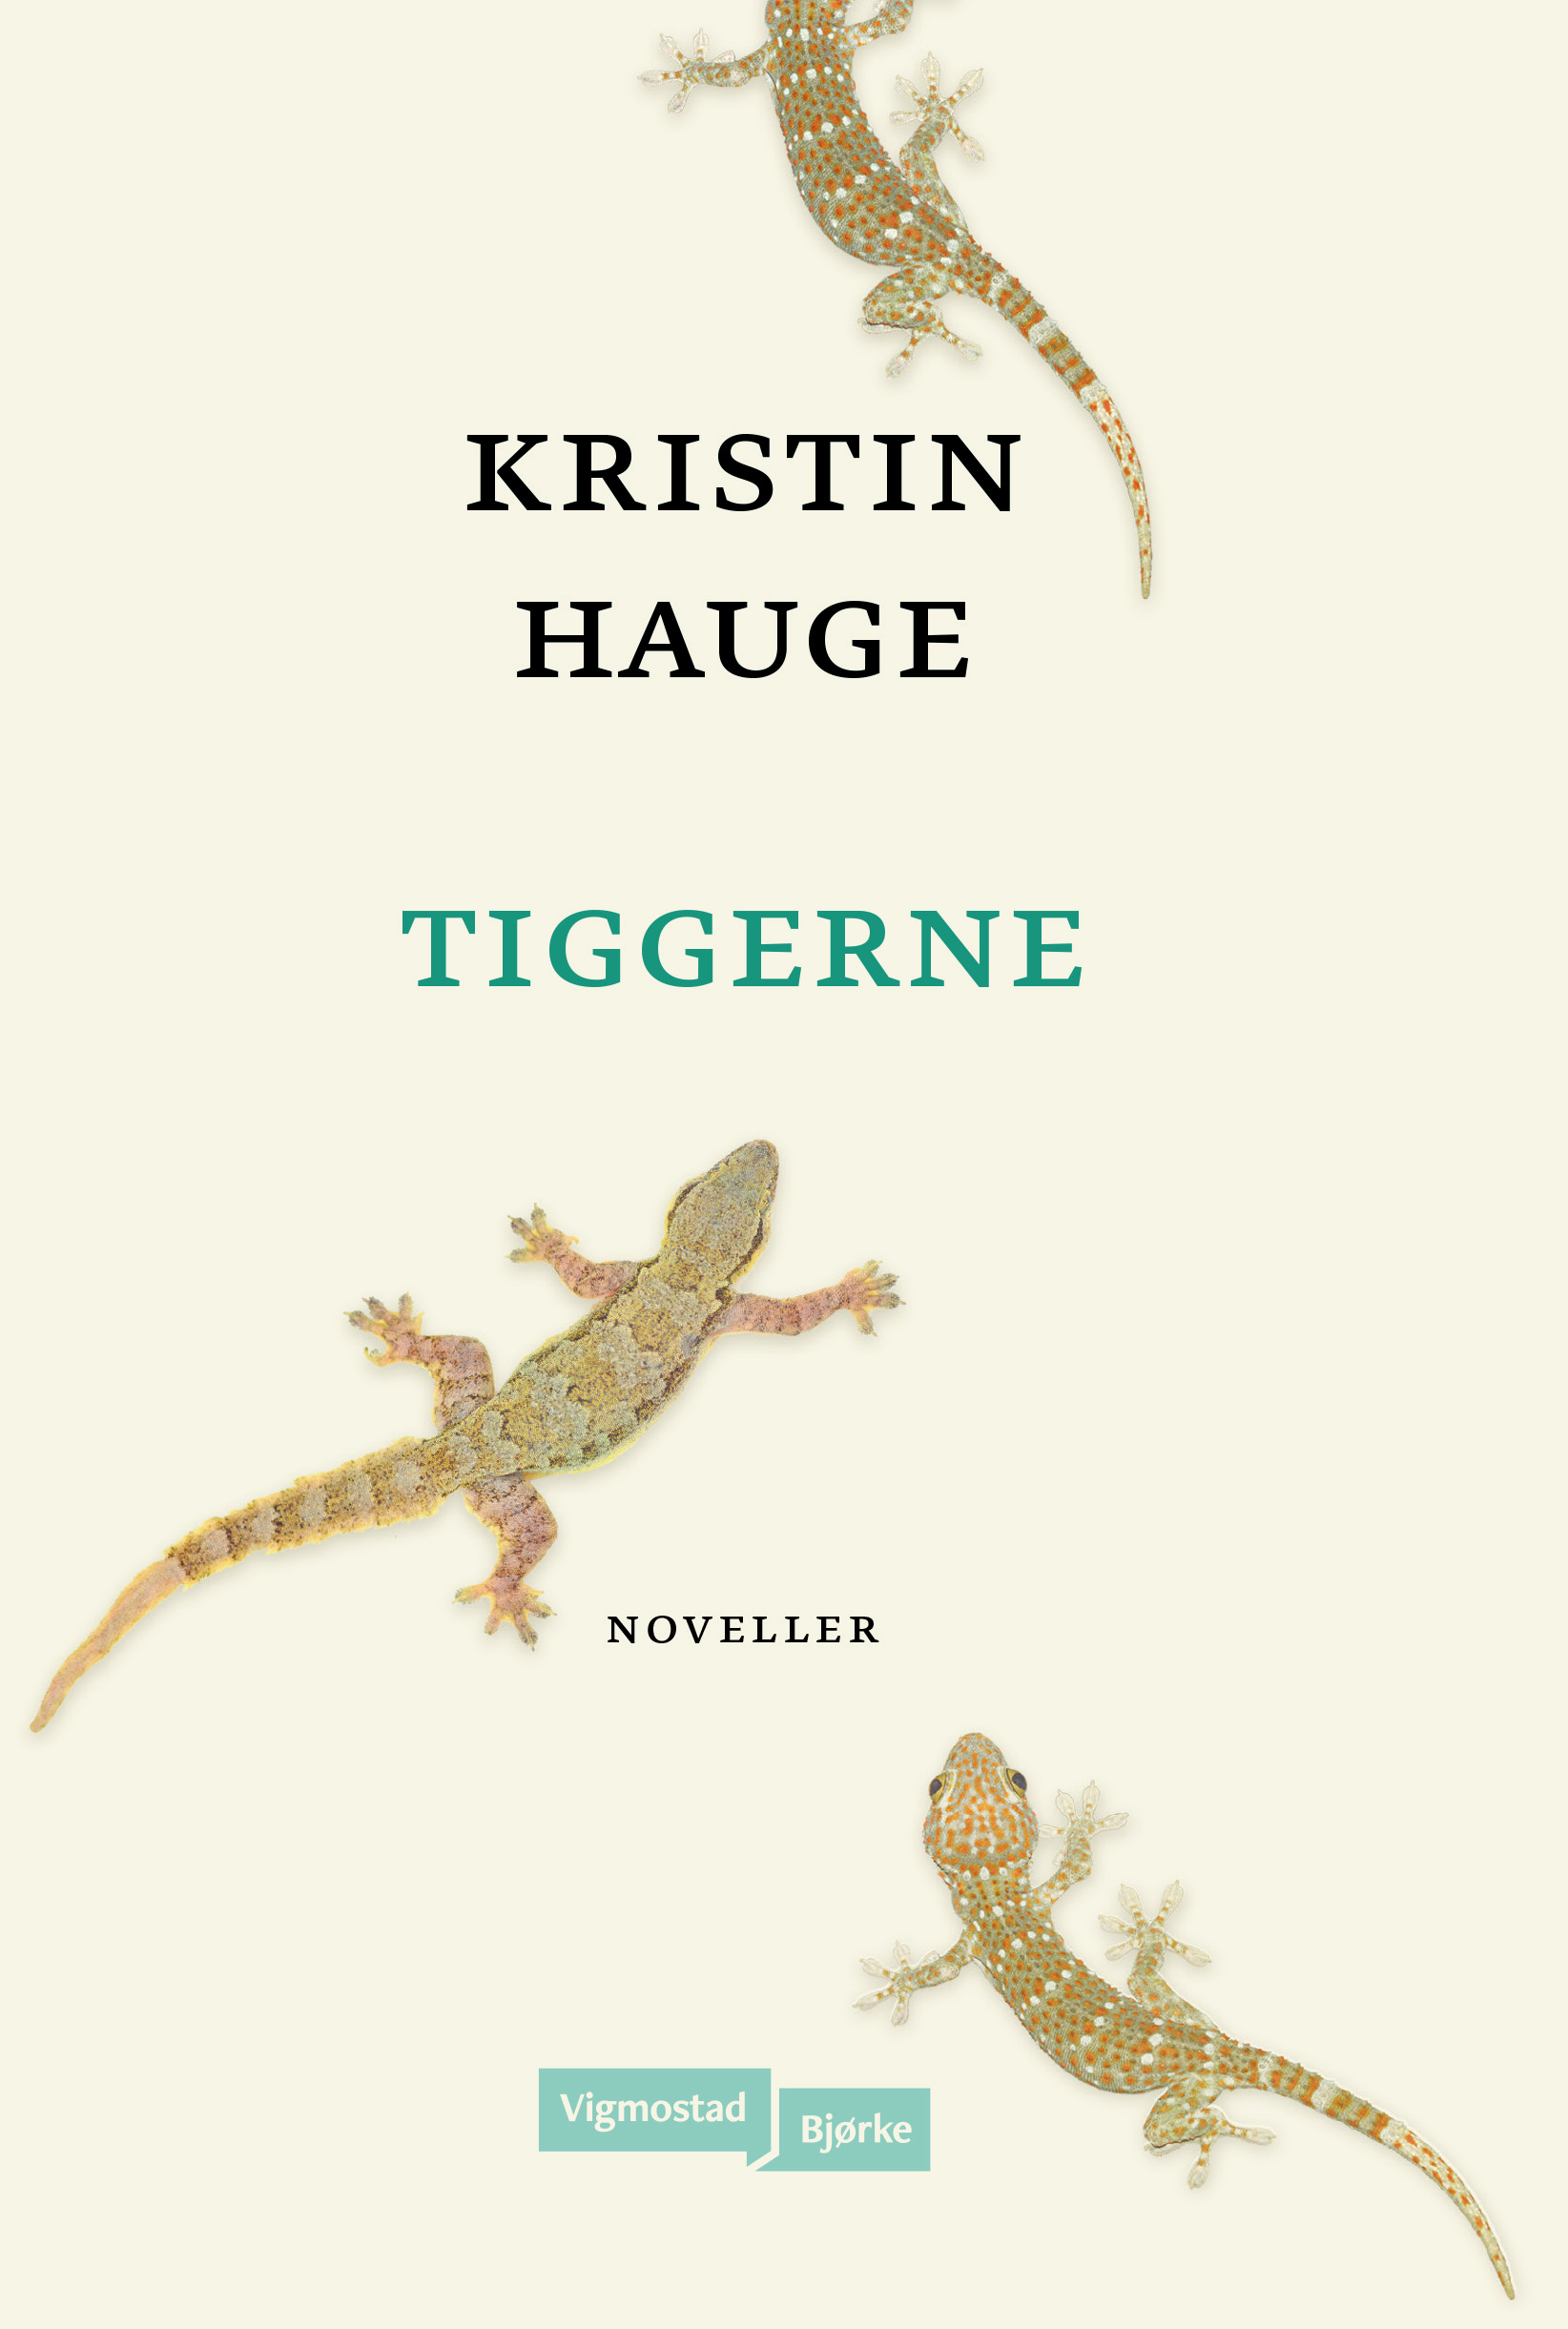 Les mer om Tiggerne av Kristin Hauge her